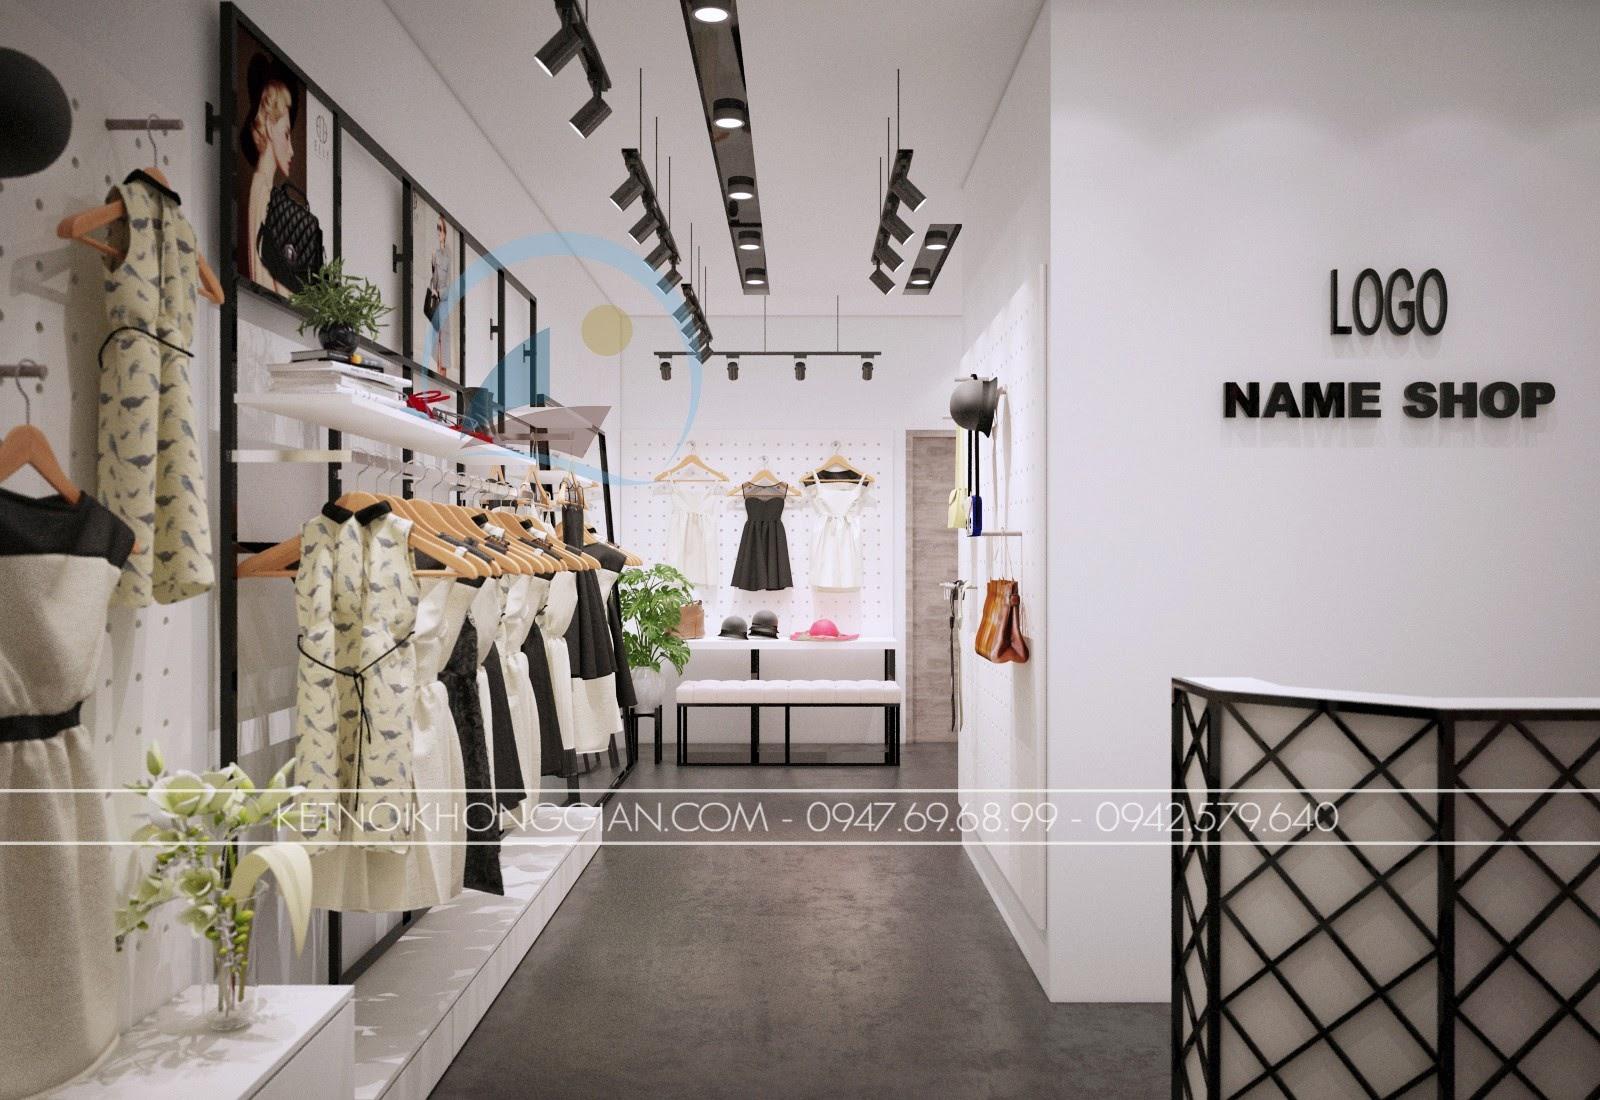 thiết kế shop thời trang giá rẻ trẻ trung